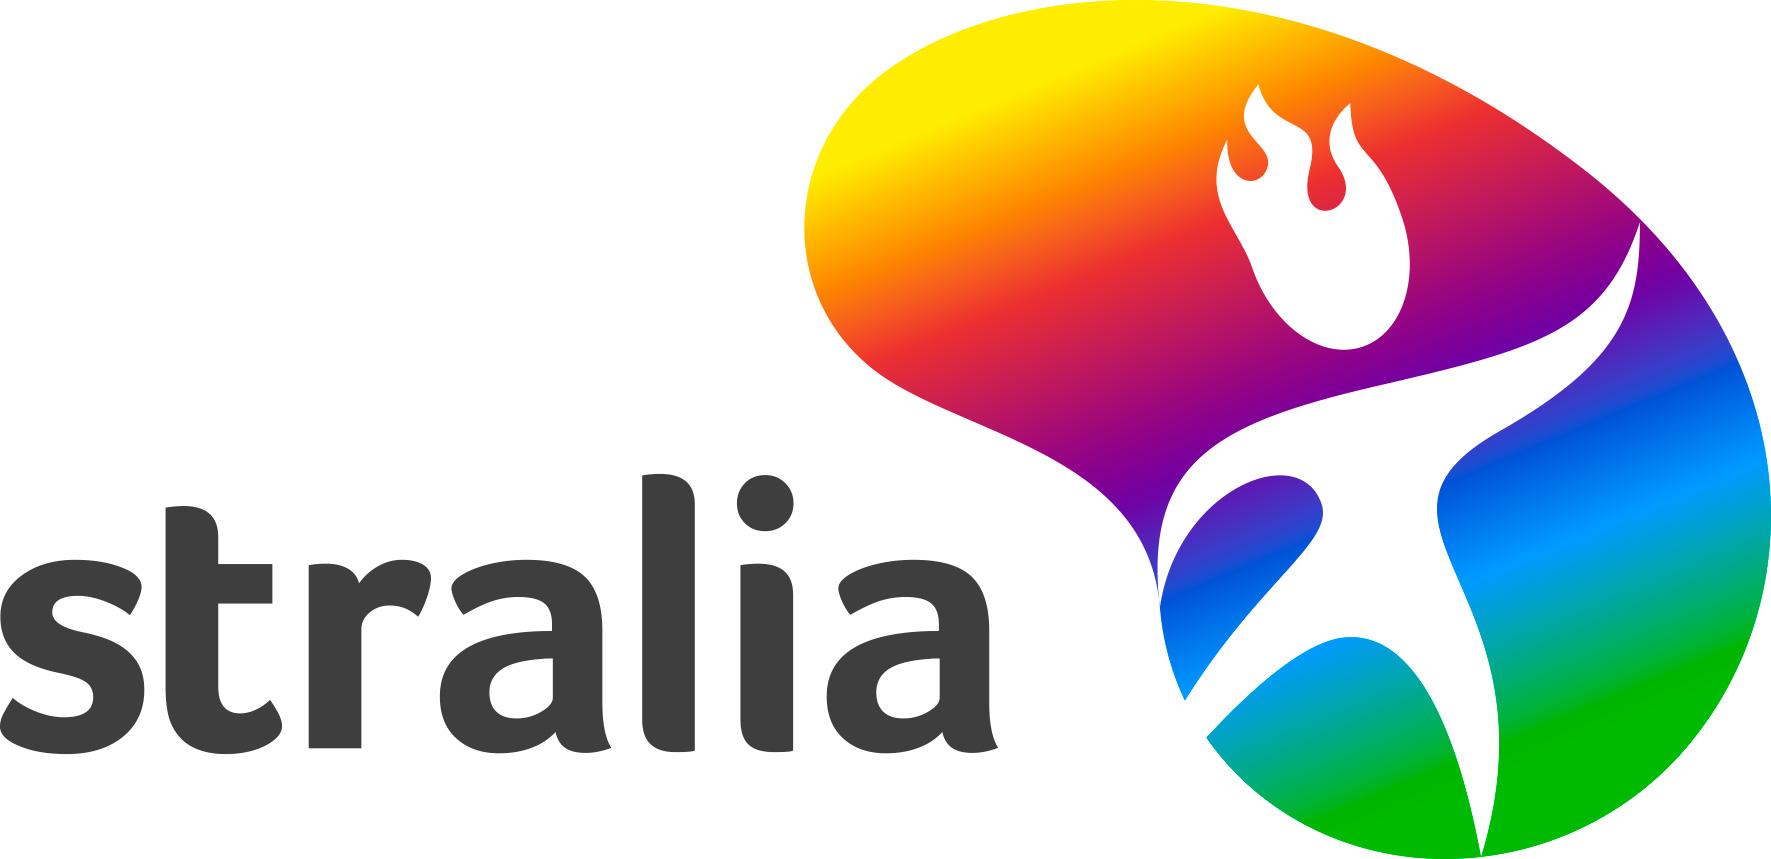 Stralia logo